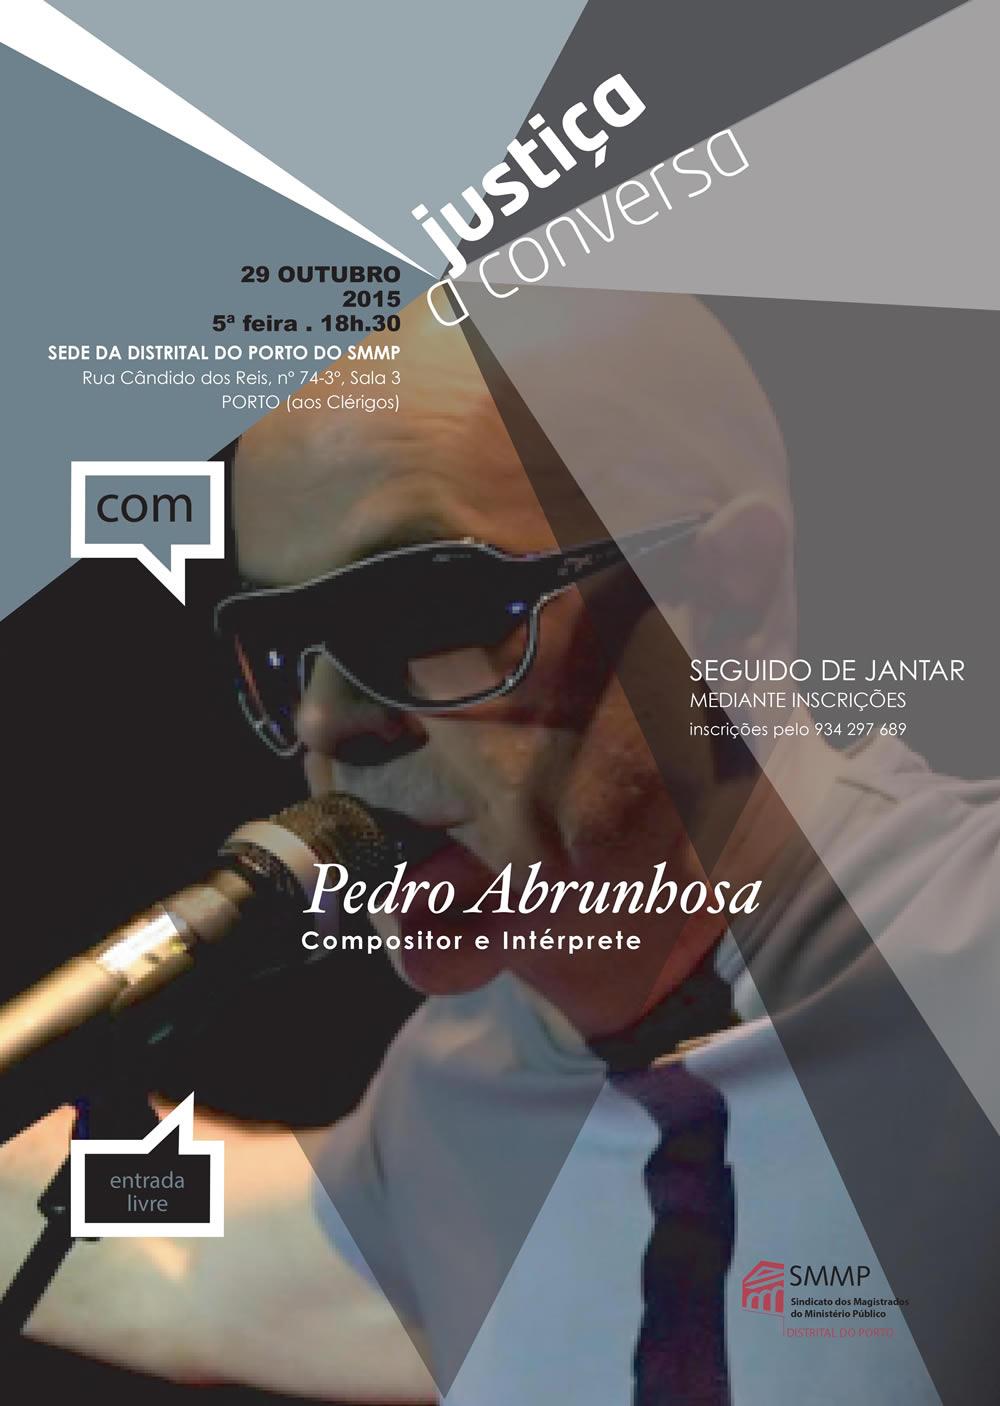 Justiça à conversa com Pedro Abrunhosa